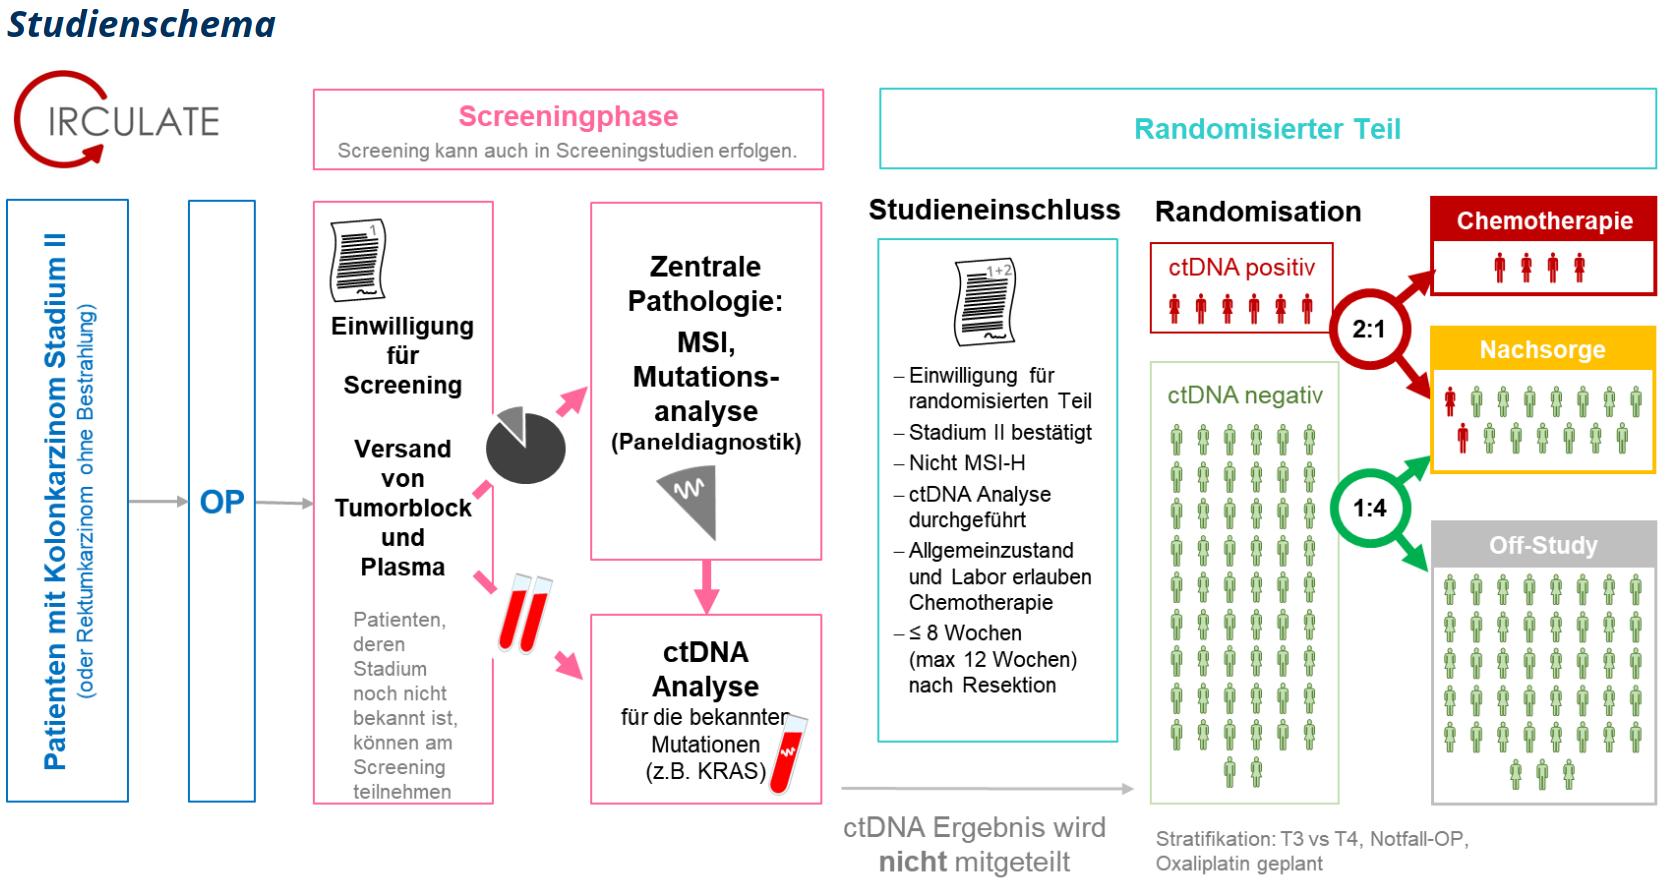 StudienschemaSynopseV3_neu.PNG